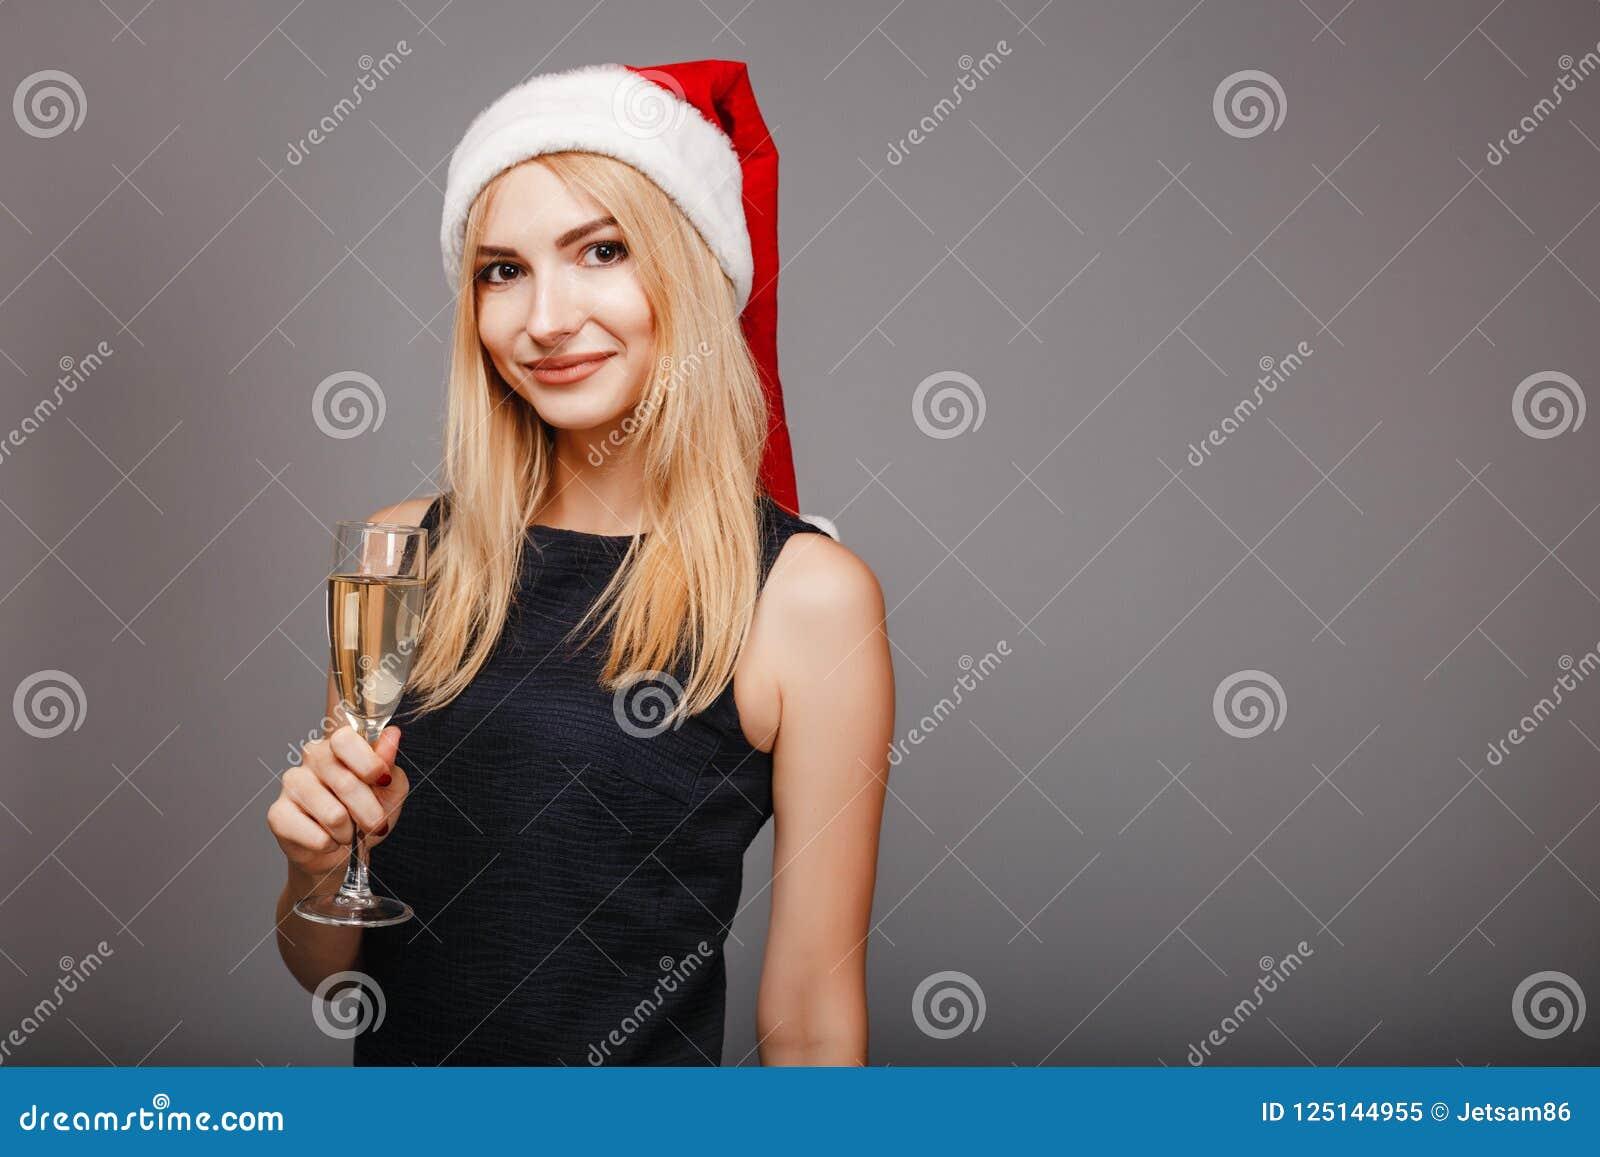 Glückliche junge Frau, die trinkenden Champagner feiert